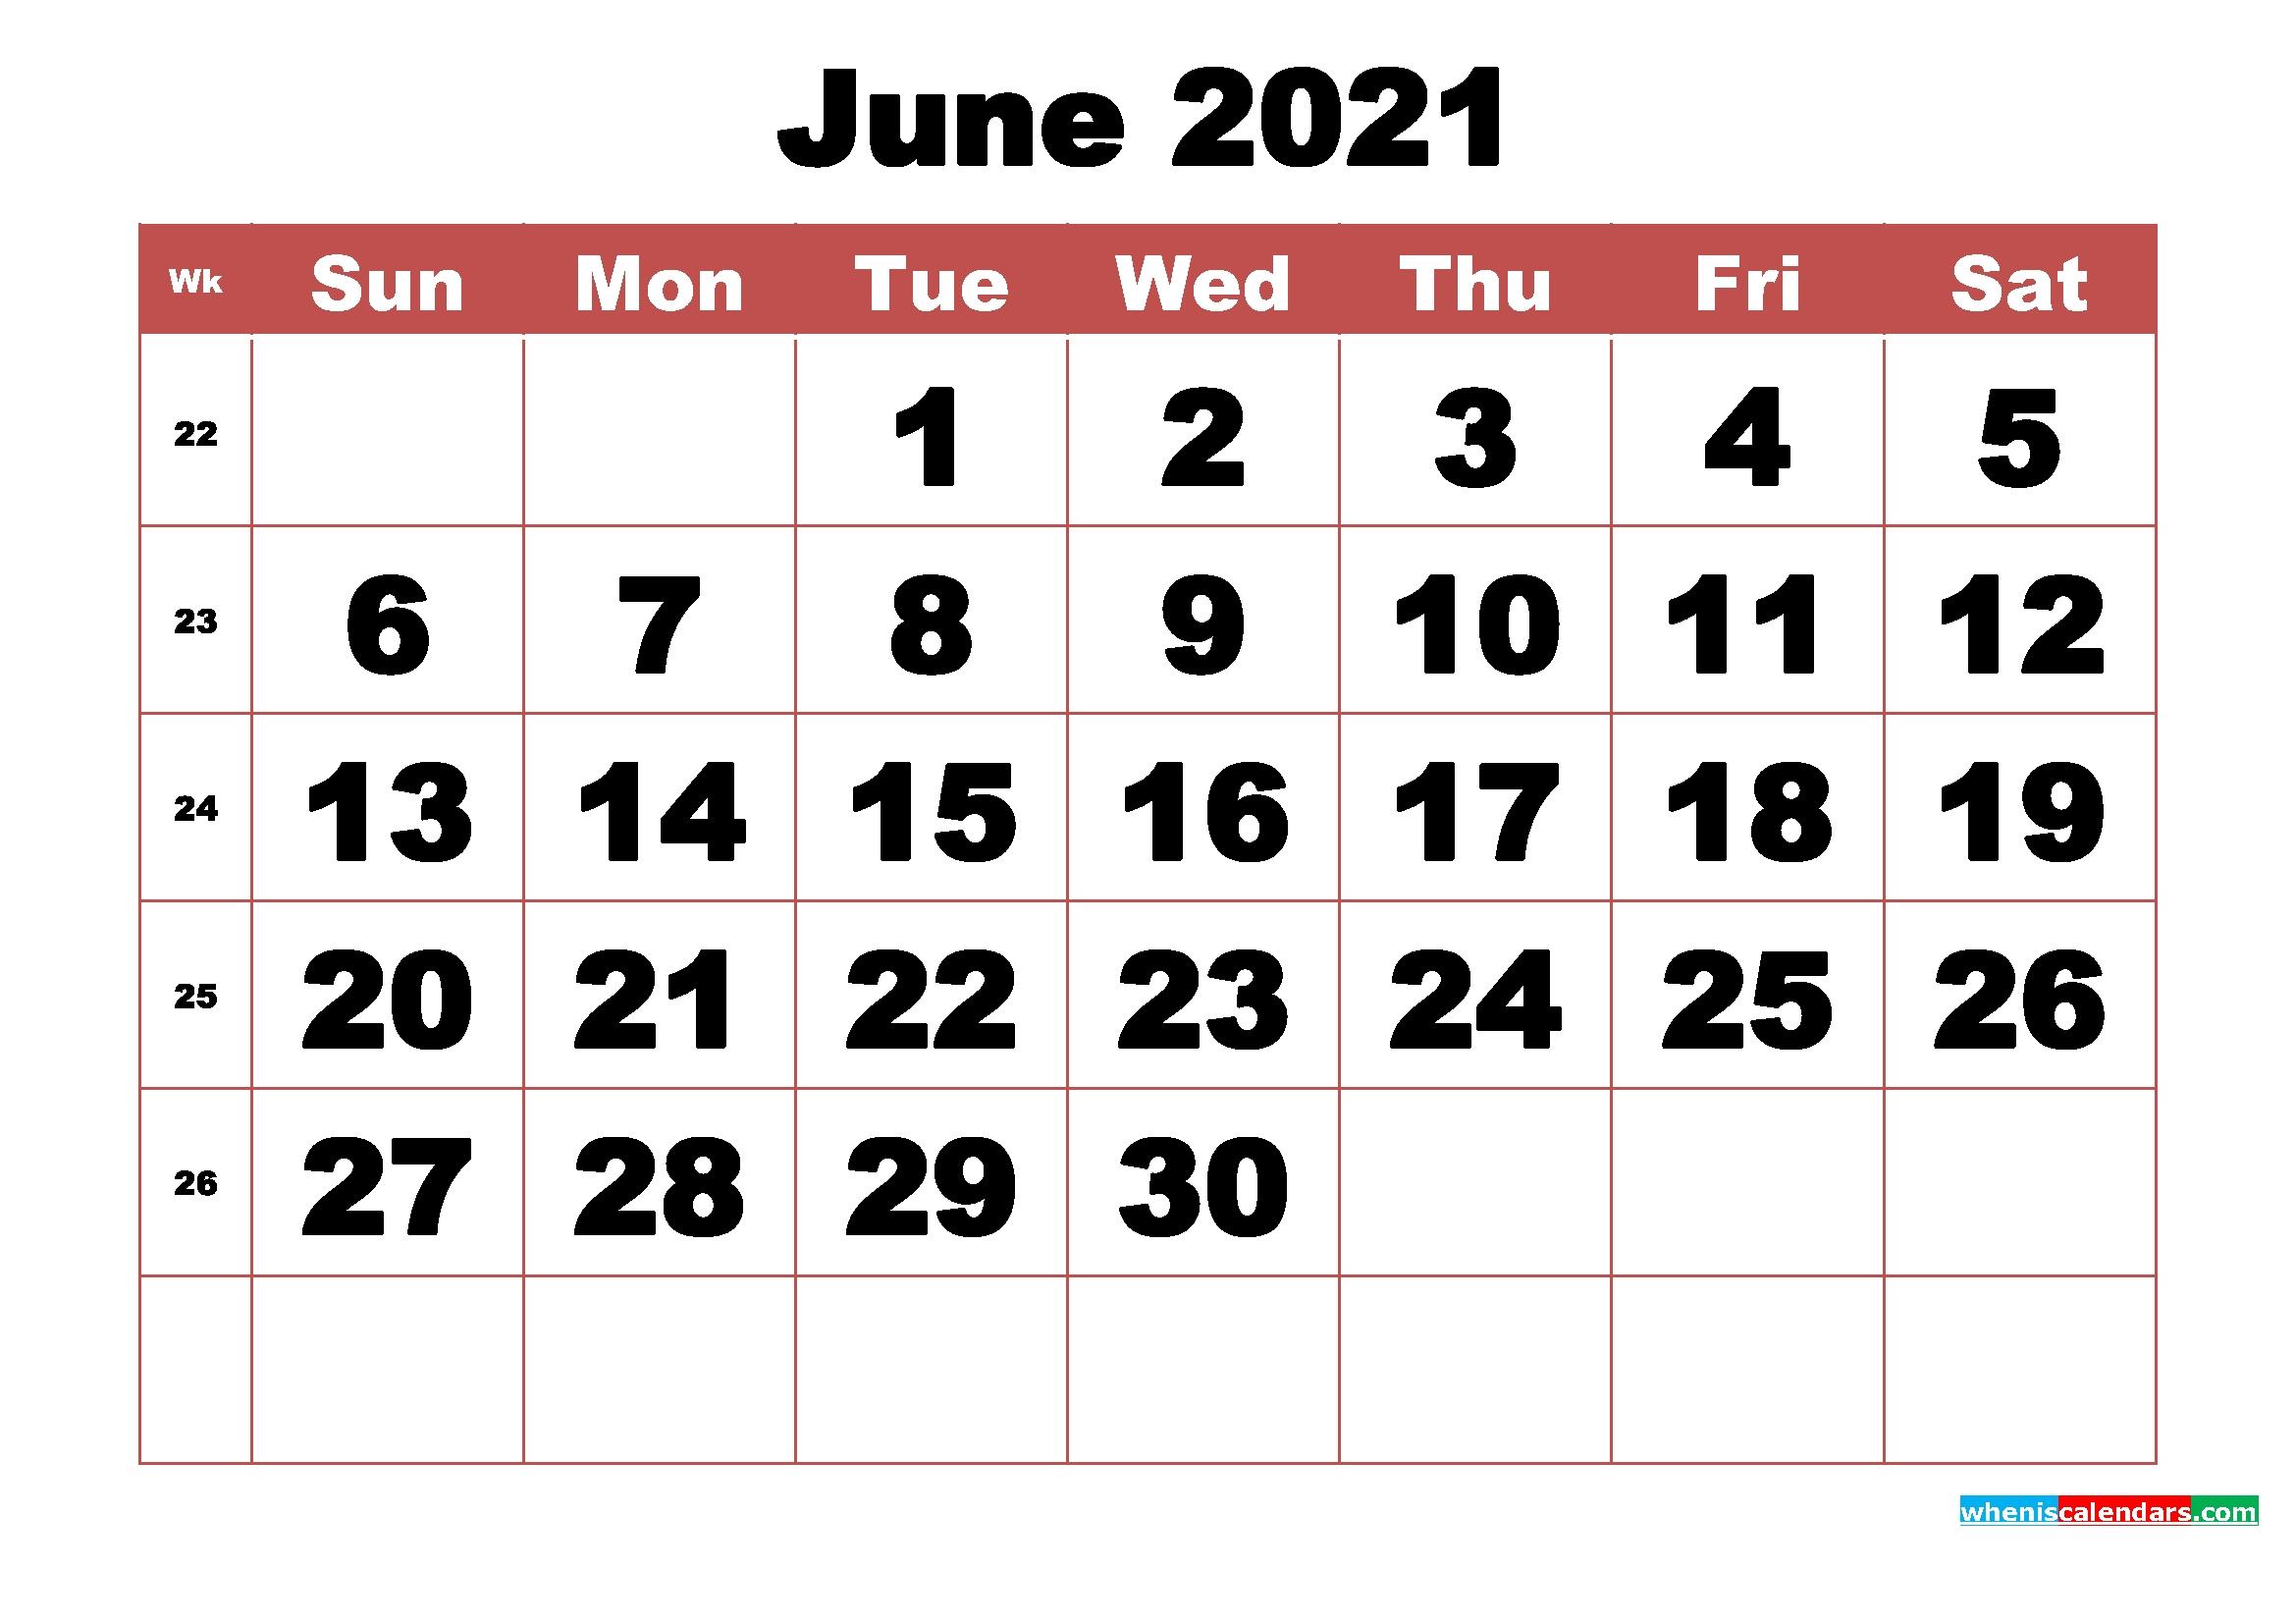 Free Printable June 2021 Calendar With Week Numbers | Free